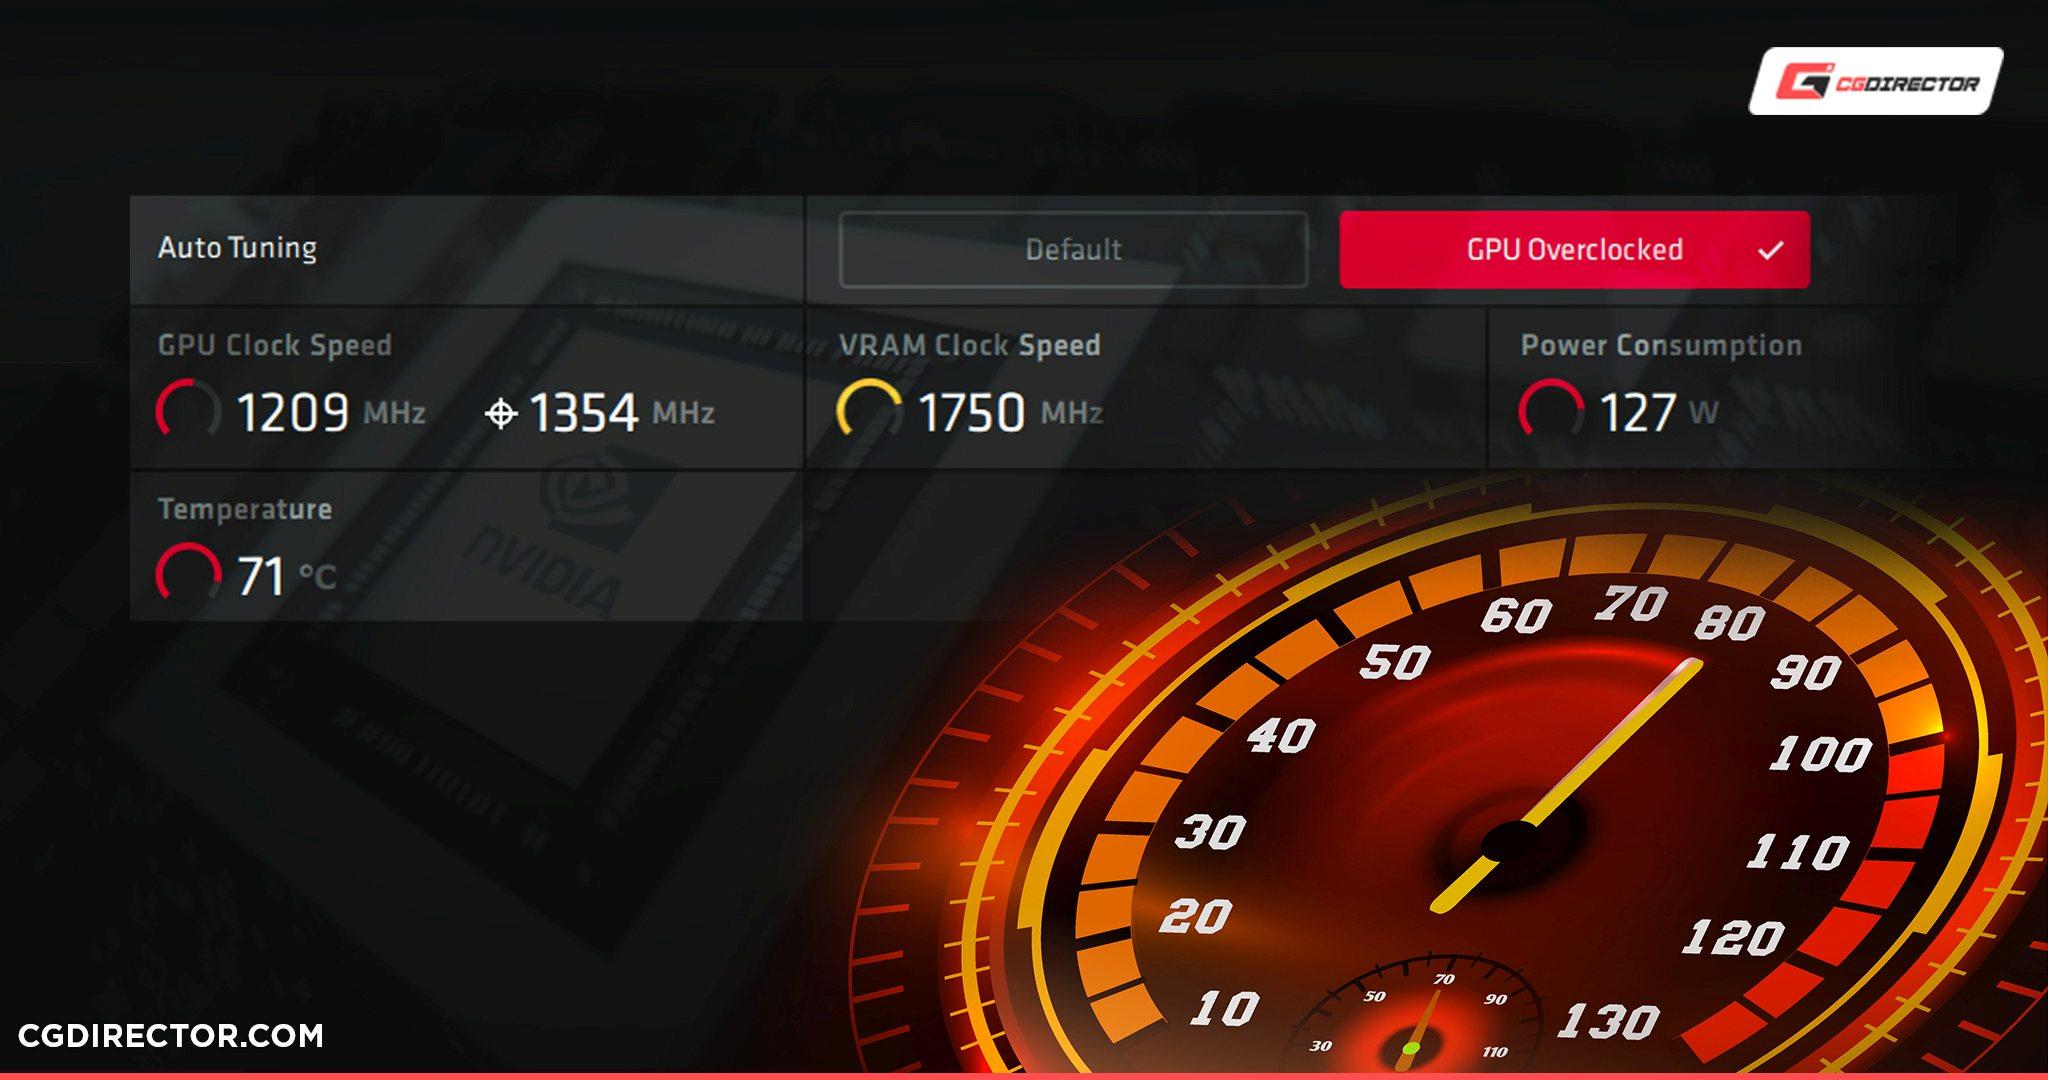 Overclocking consumer GPU